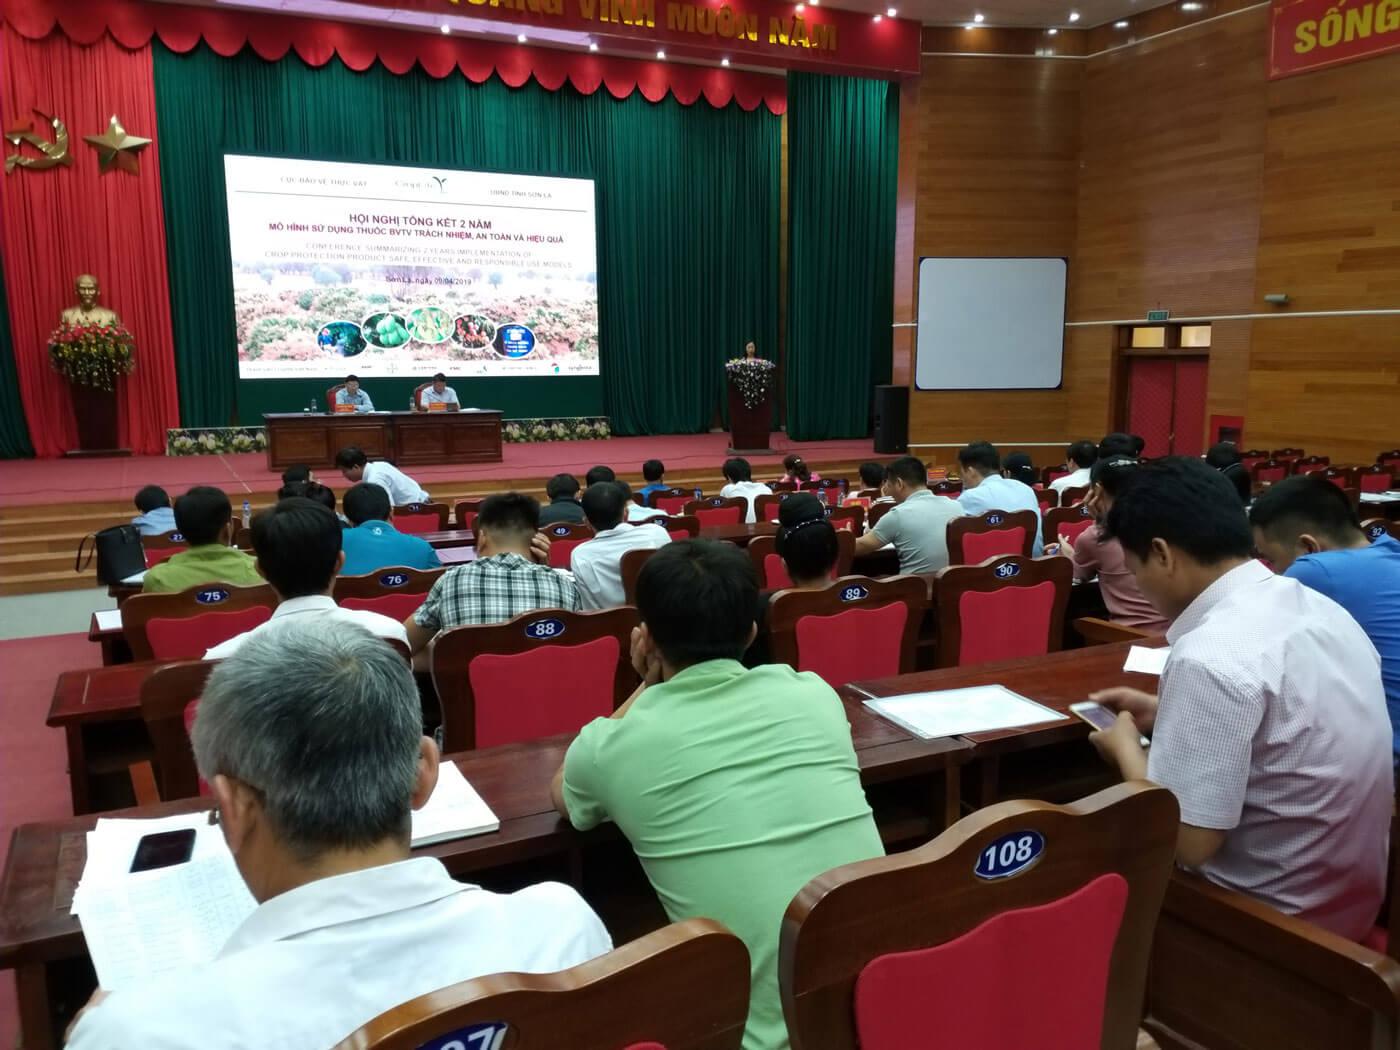 Đông đảo đại biểu tham dự Hội nghị Tổng kết 2 năm mô hình sử dụng thuốc BVTV trách nhiệm, an toàn và hiệu quả ở Sơn La